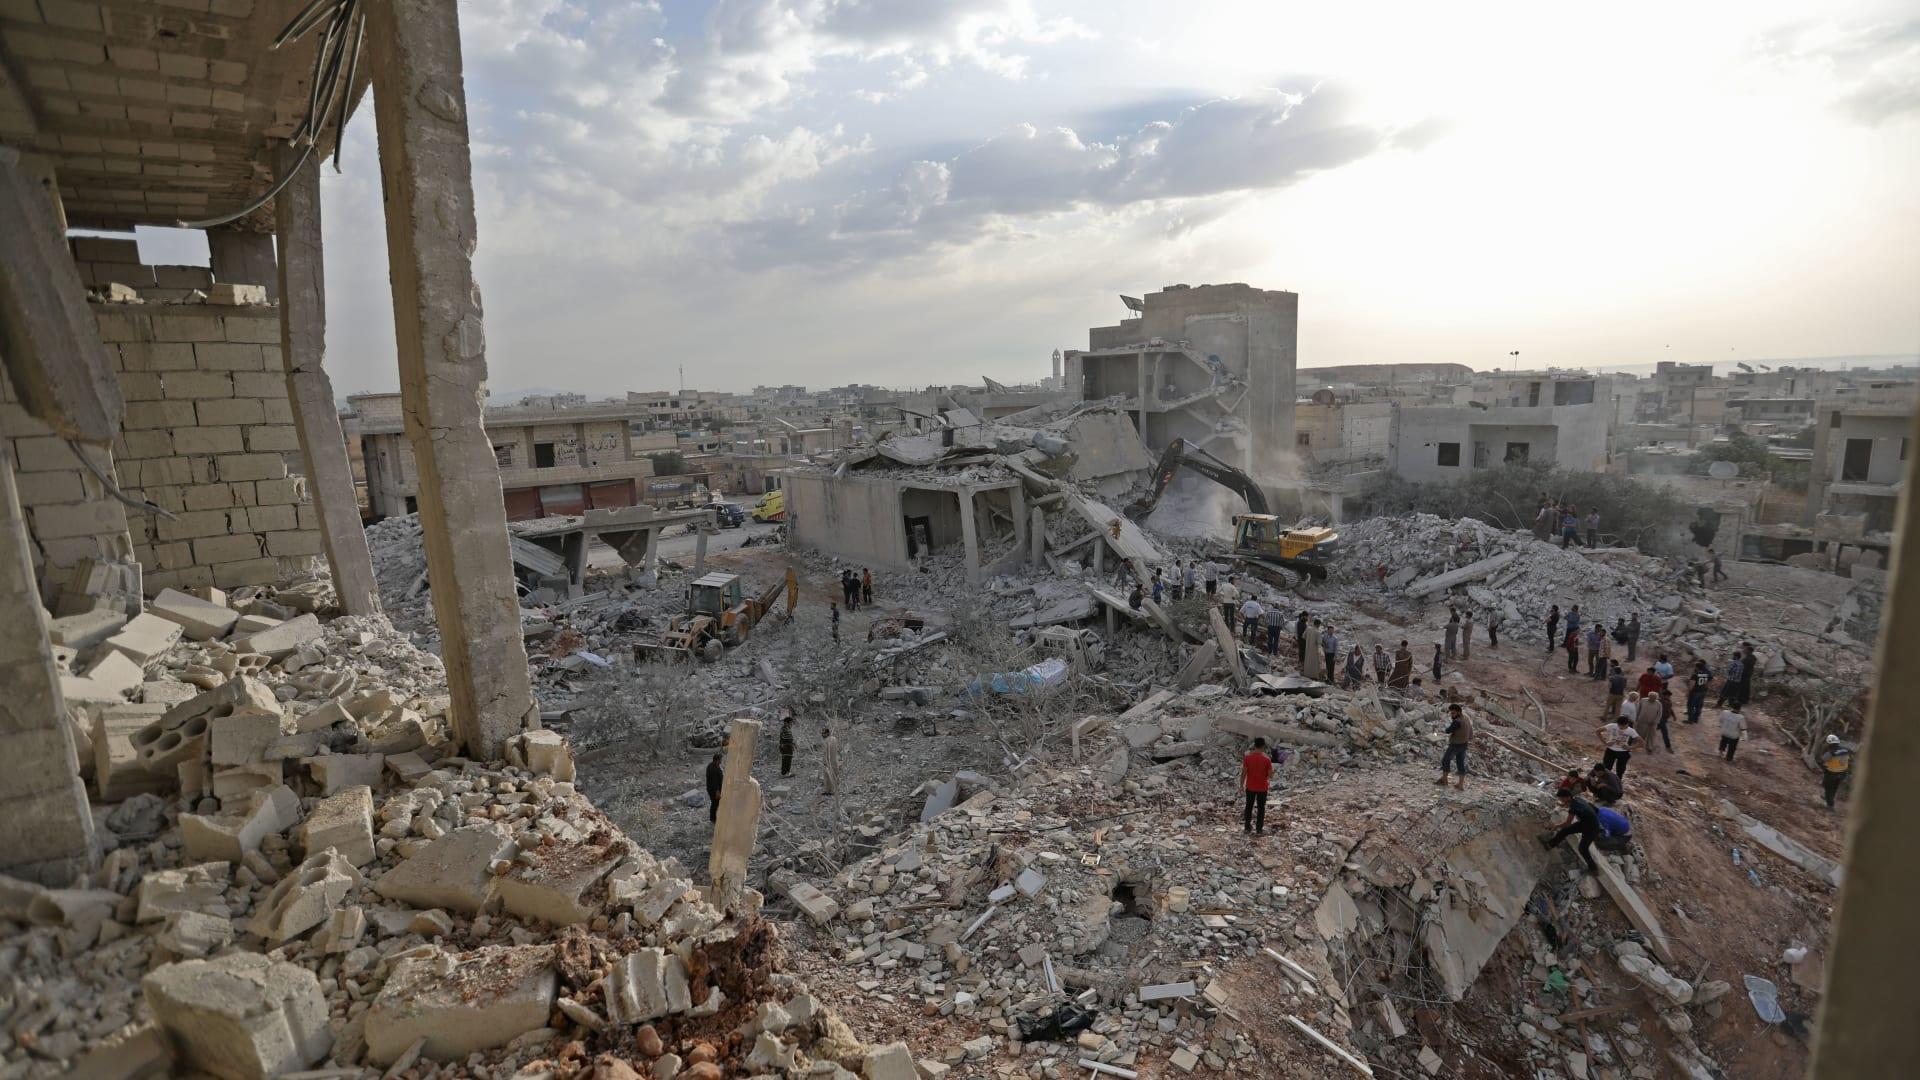 الخارجية الروسية: تحضيرات لمشهد تمثيلي حول هجوم كيماوي في إدلب